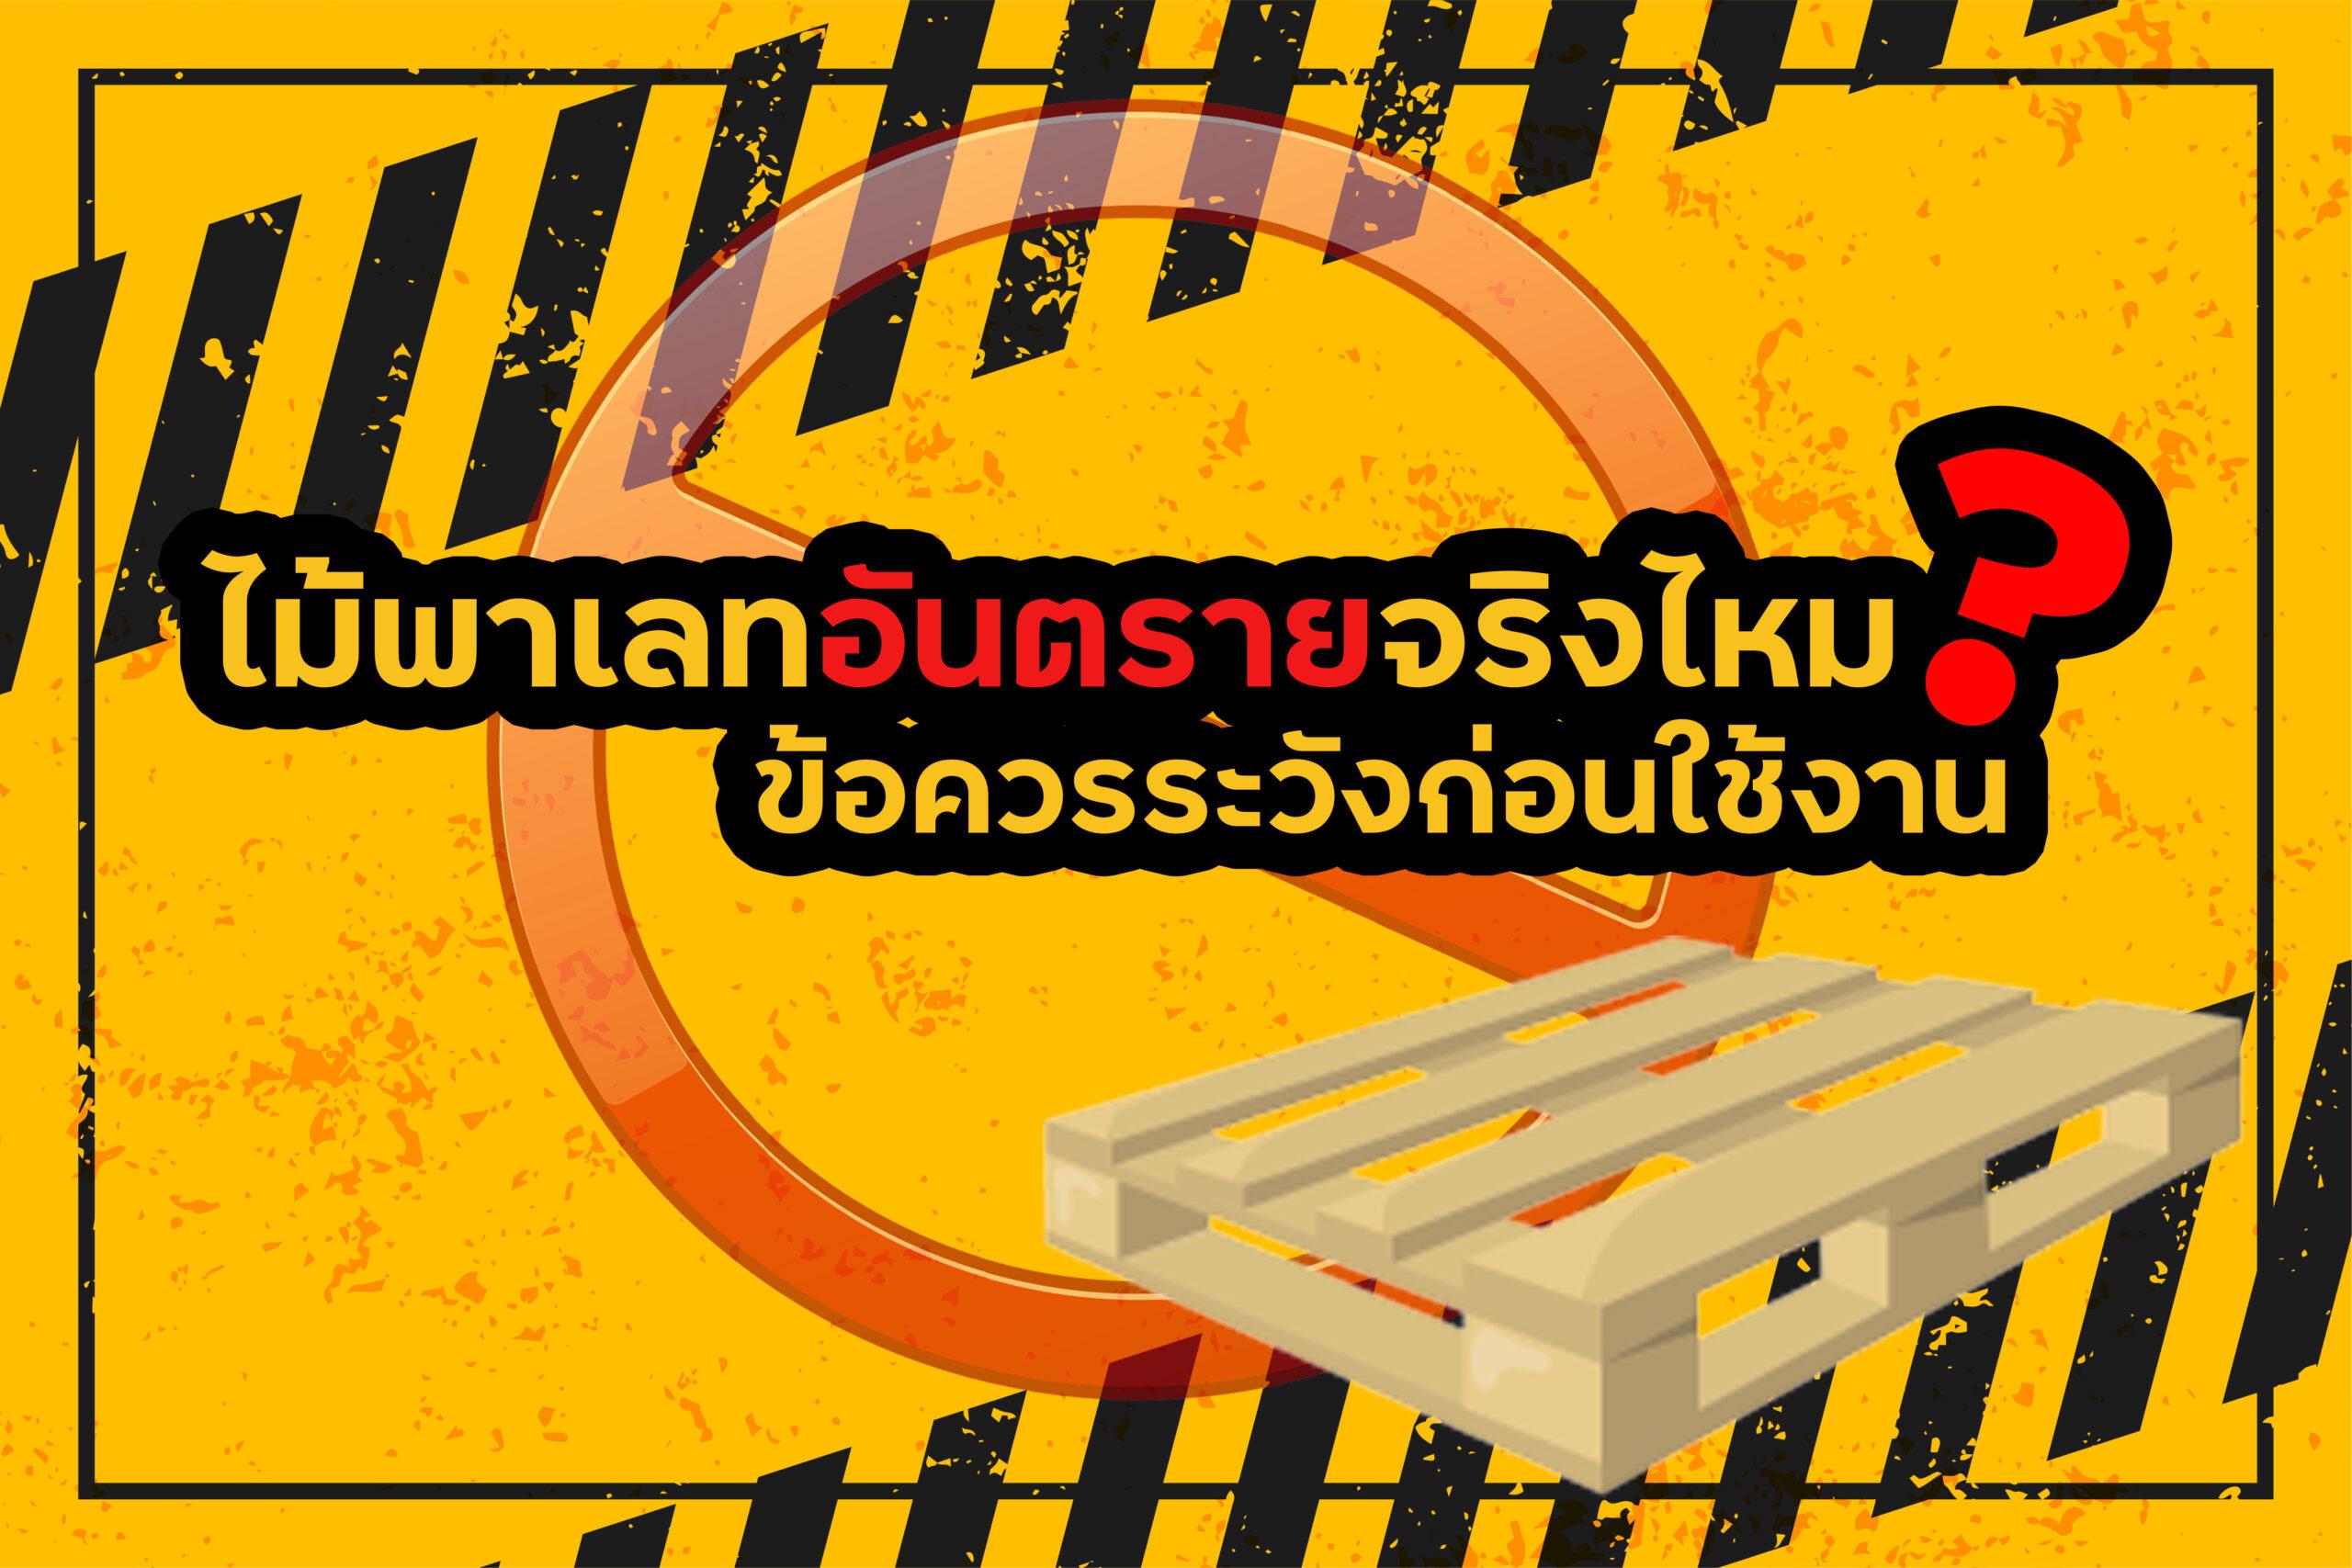 ไม้พาเลทอันตราย จริงไหม ข้อควรระวังก่อนใช้งาน ?